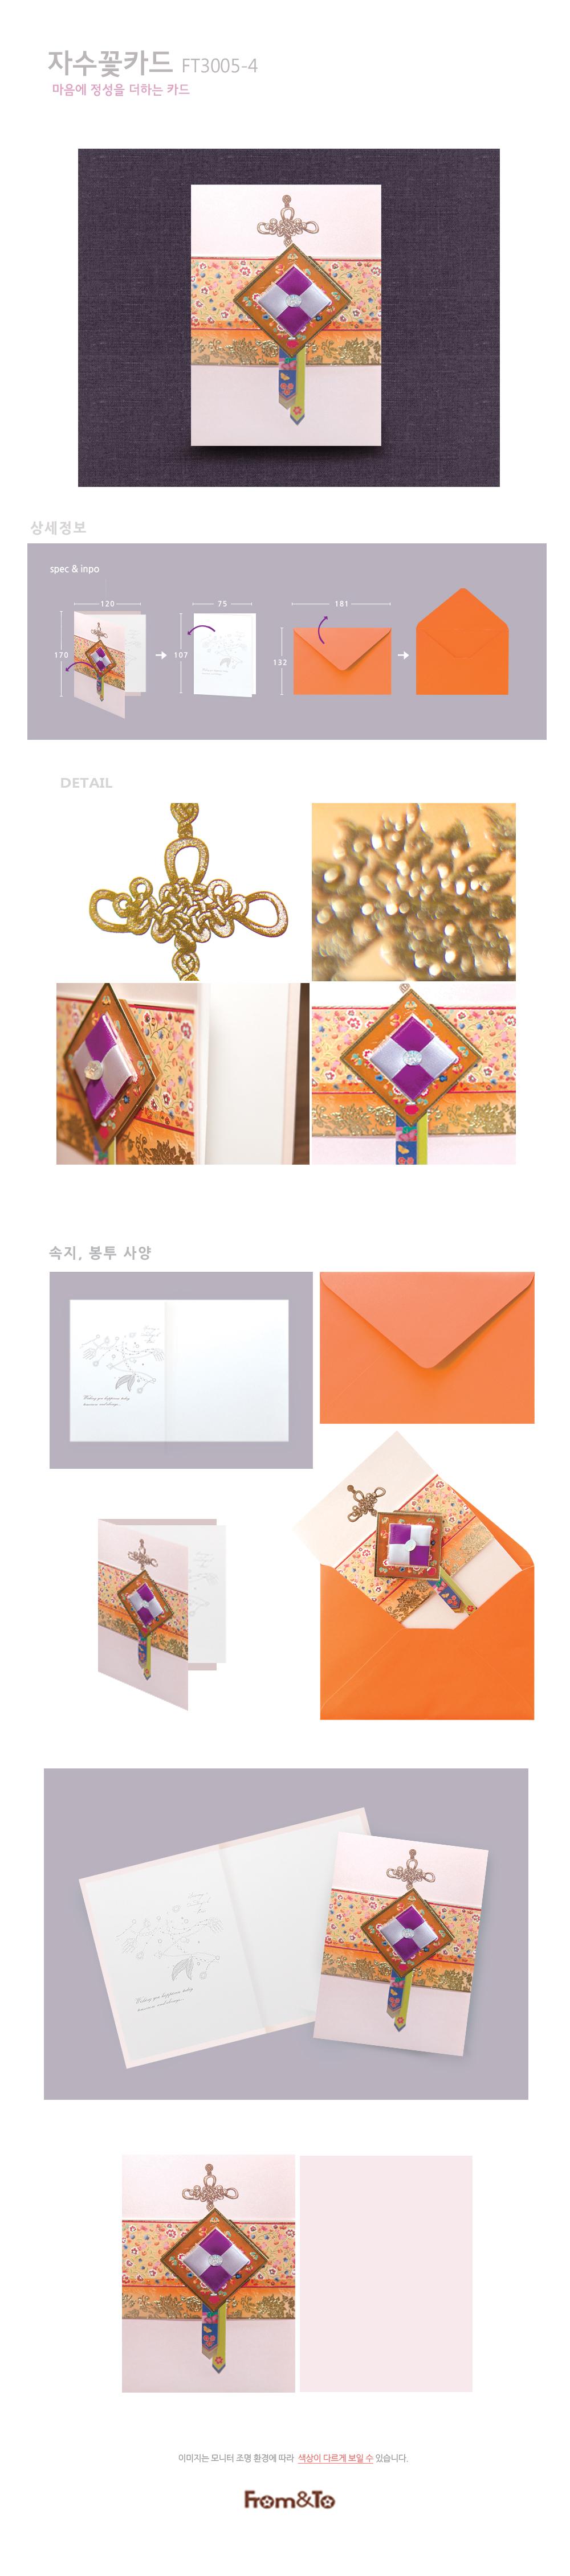 자수꽃카드 FT3005-4 - 프롬앤투, 3,000원, 카드, 카드 세트